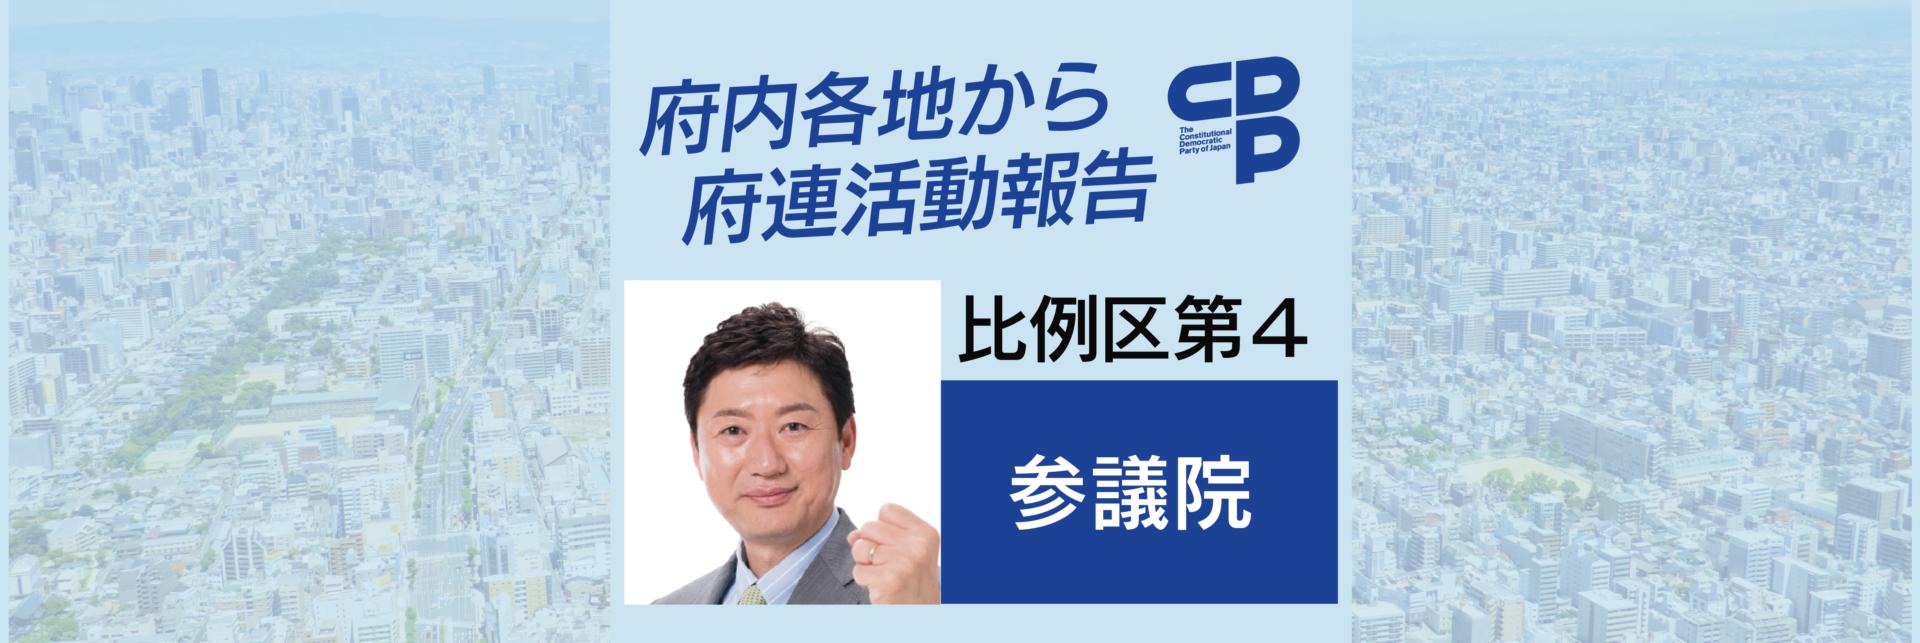 府内各地から活動報告【参議院比例区第4】